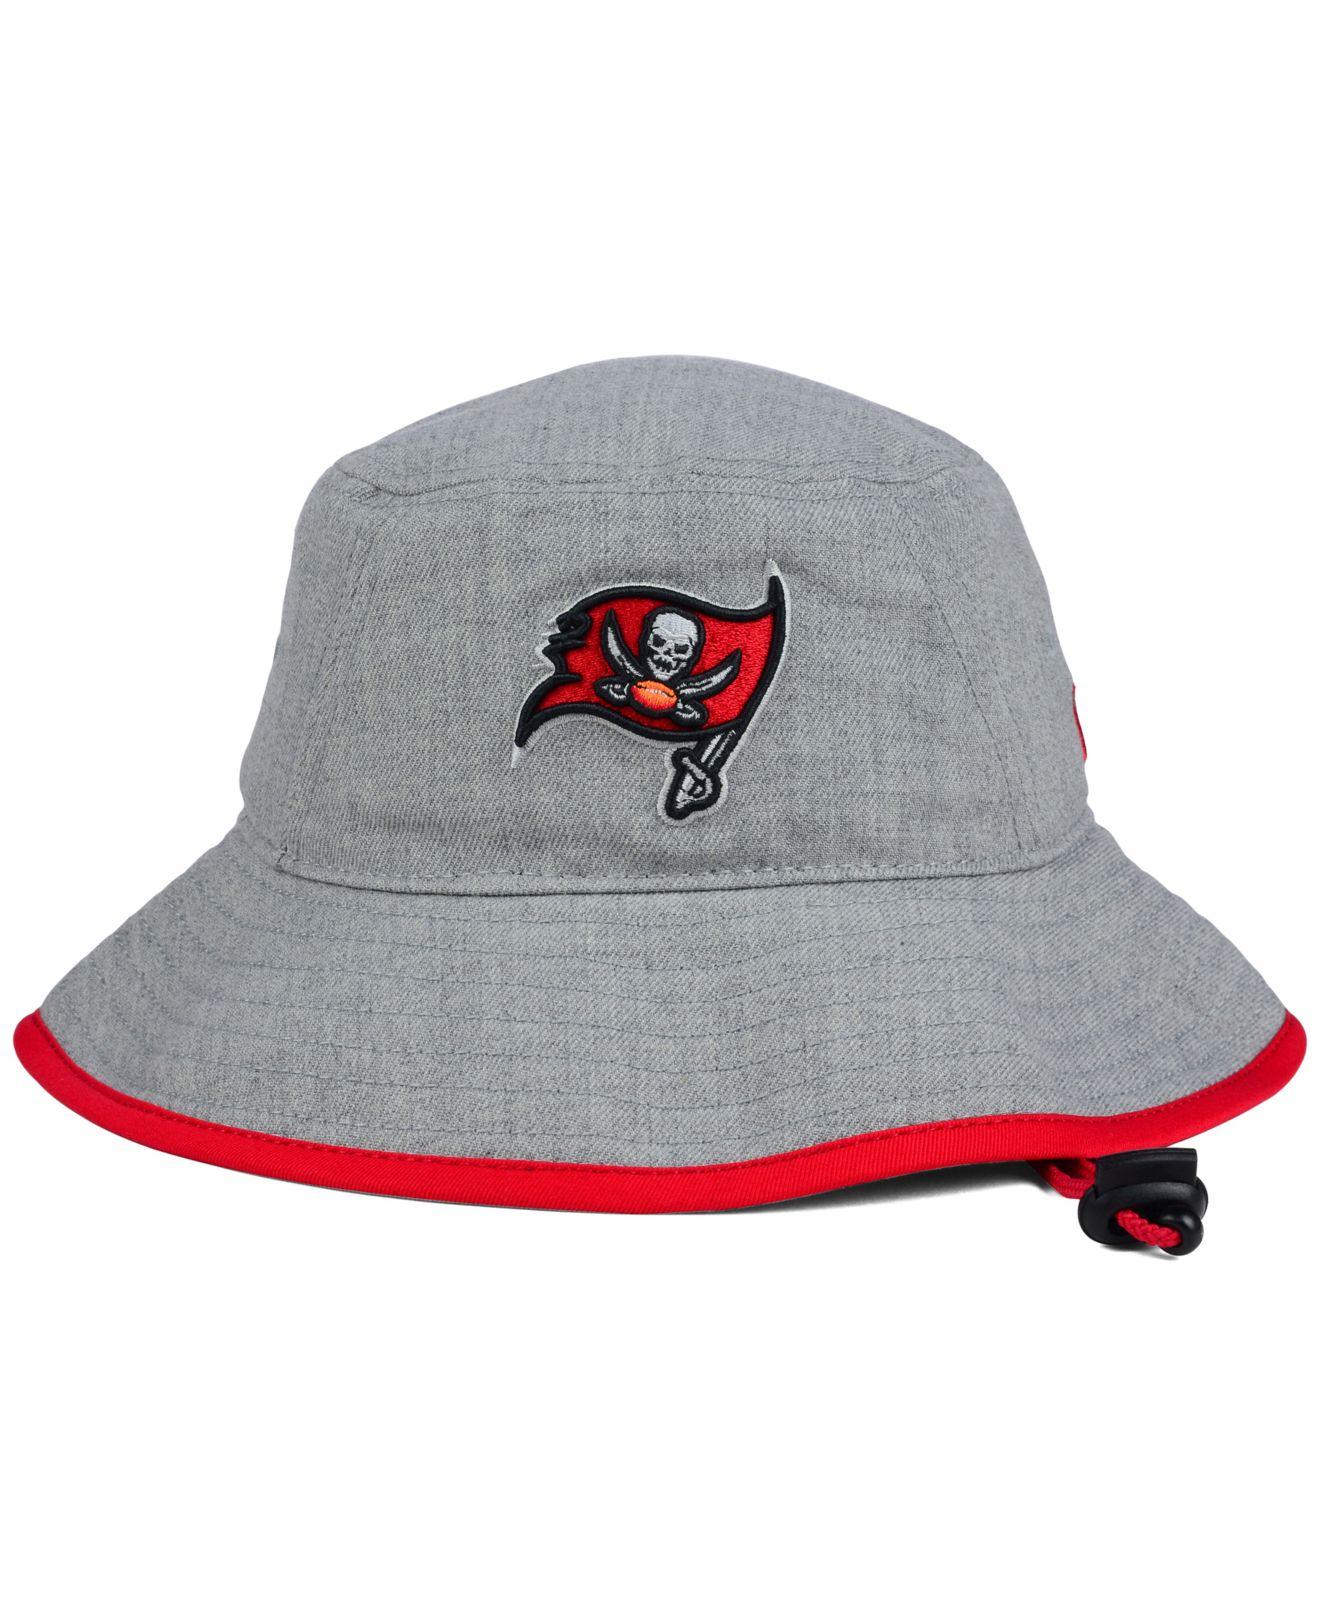 9bae9d63c62 Lyst Ktz Ta Bay Buccaneers Nfl Heather Gray Bucket Hat In